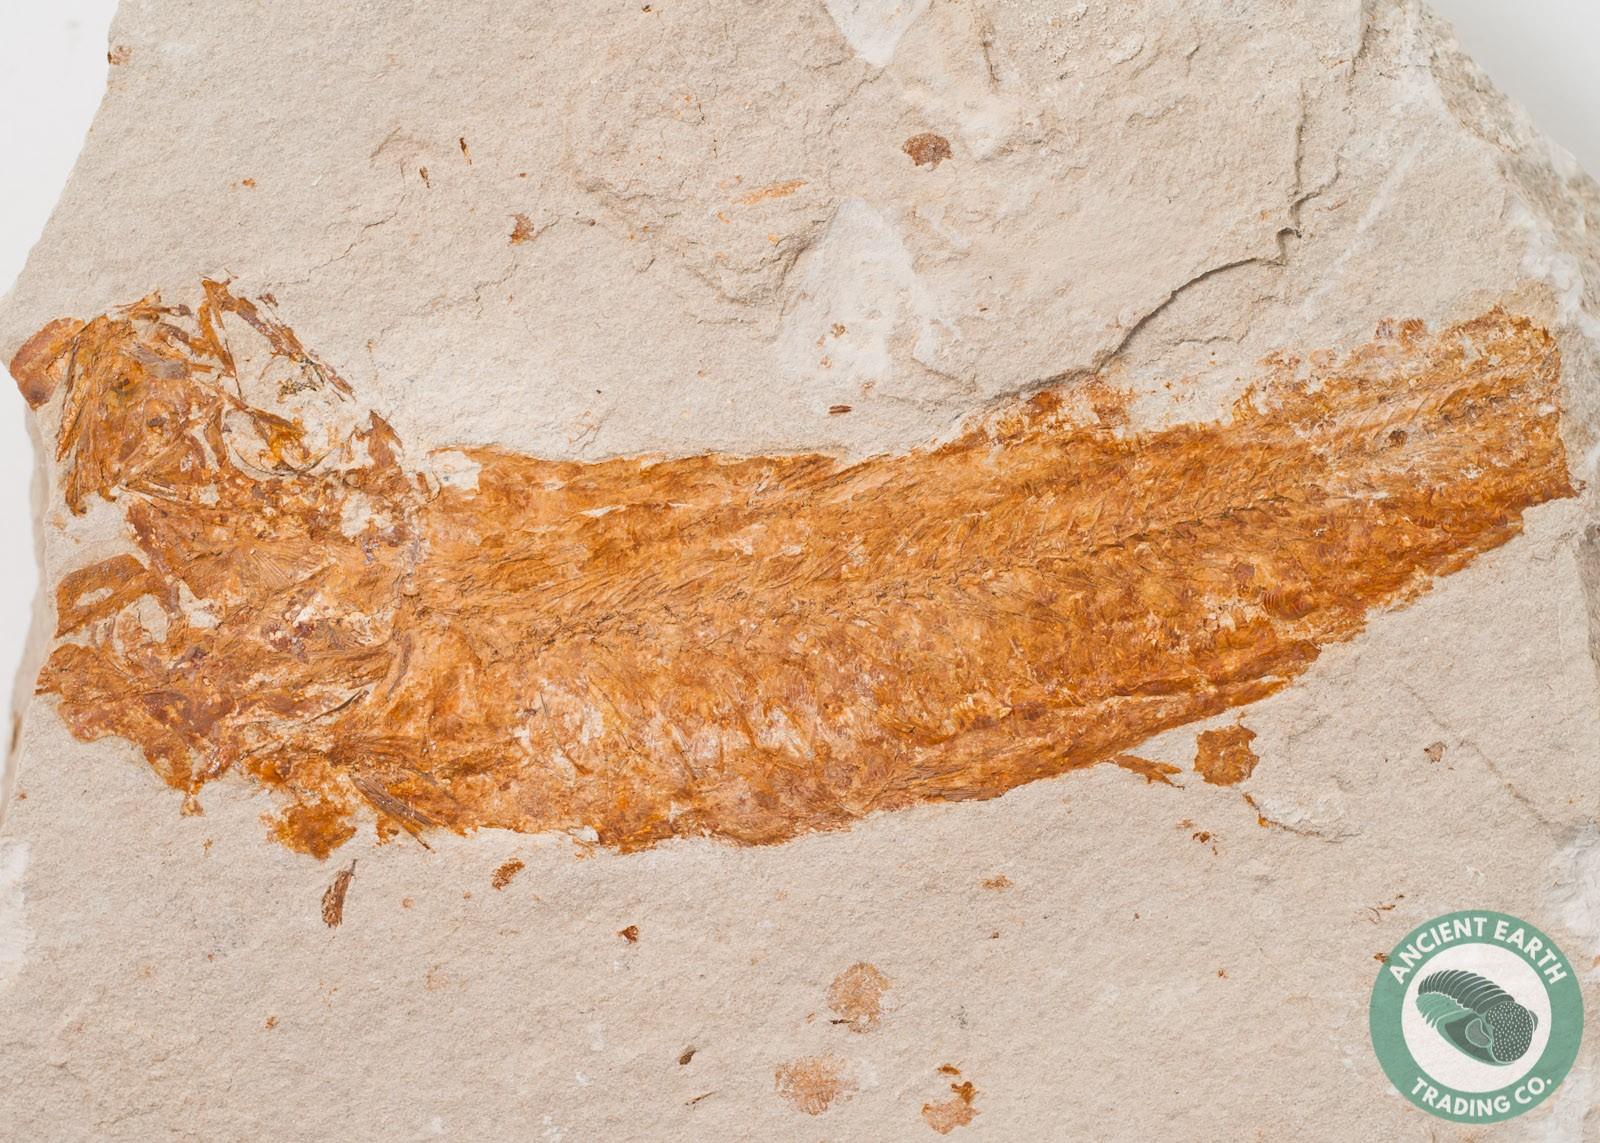 6.15 in. Partial Ganolytes Fossil Sardine - California